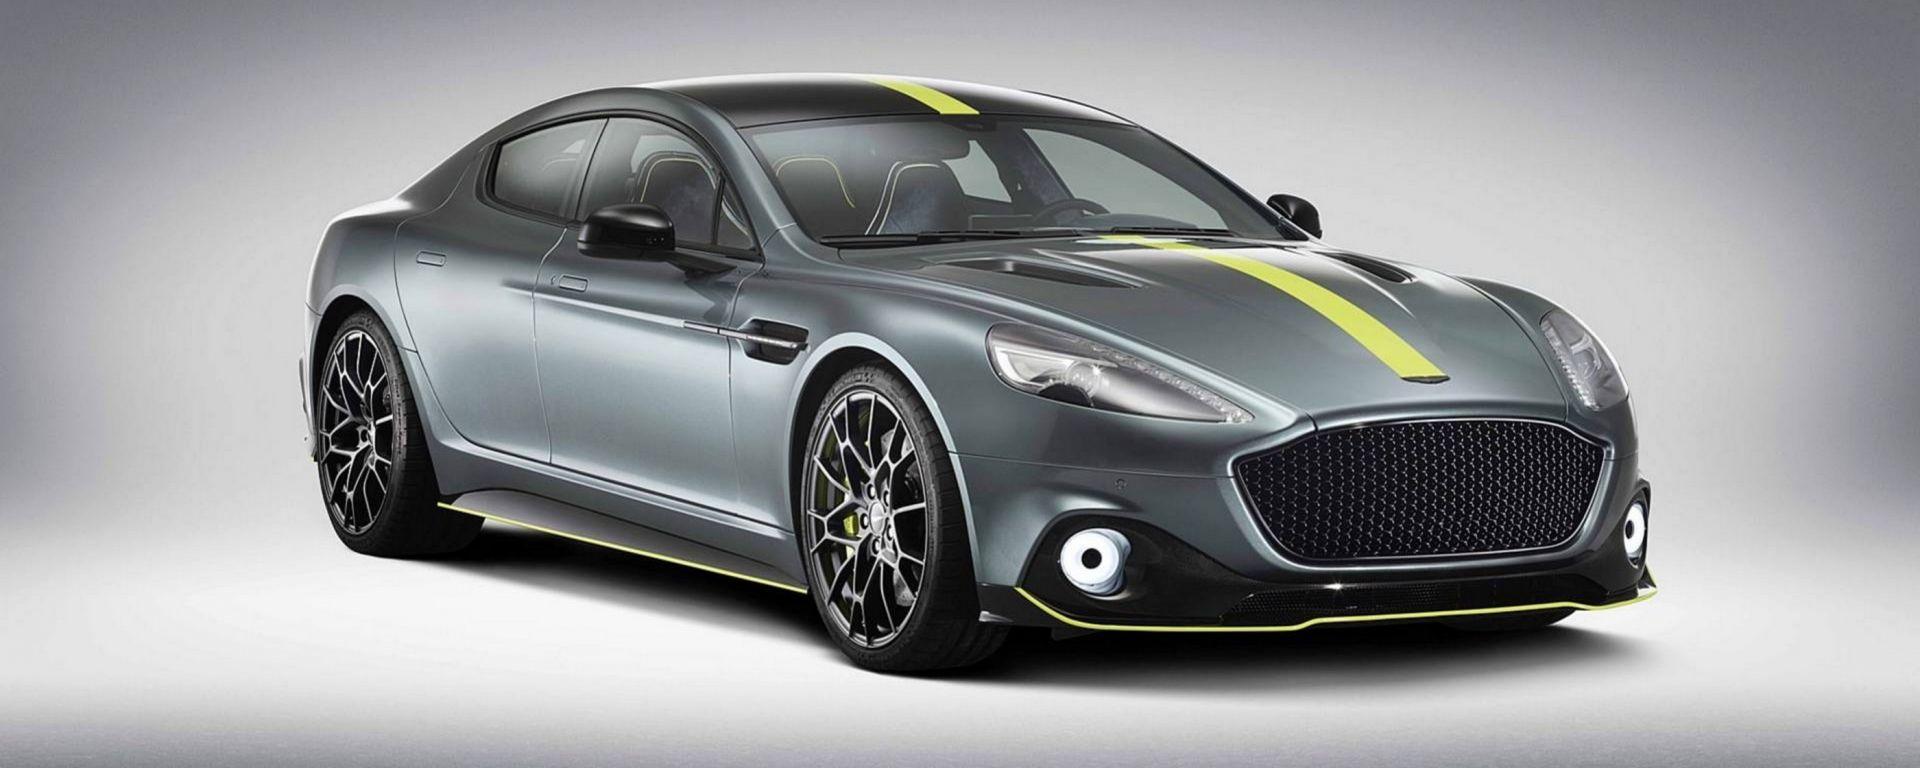 Aston Martin Rapide AMR: ammiraglia da 600 CV